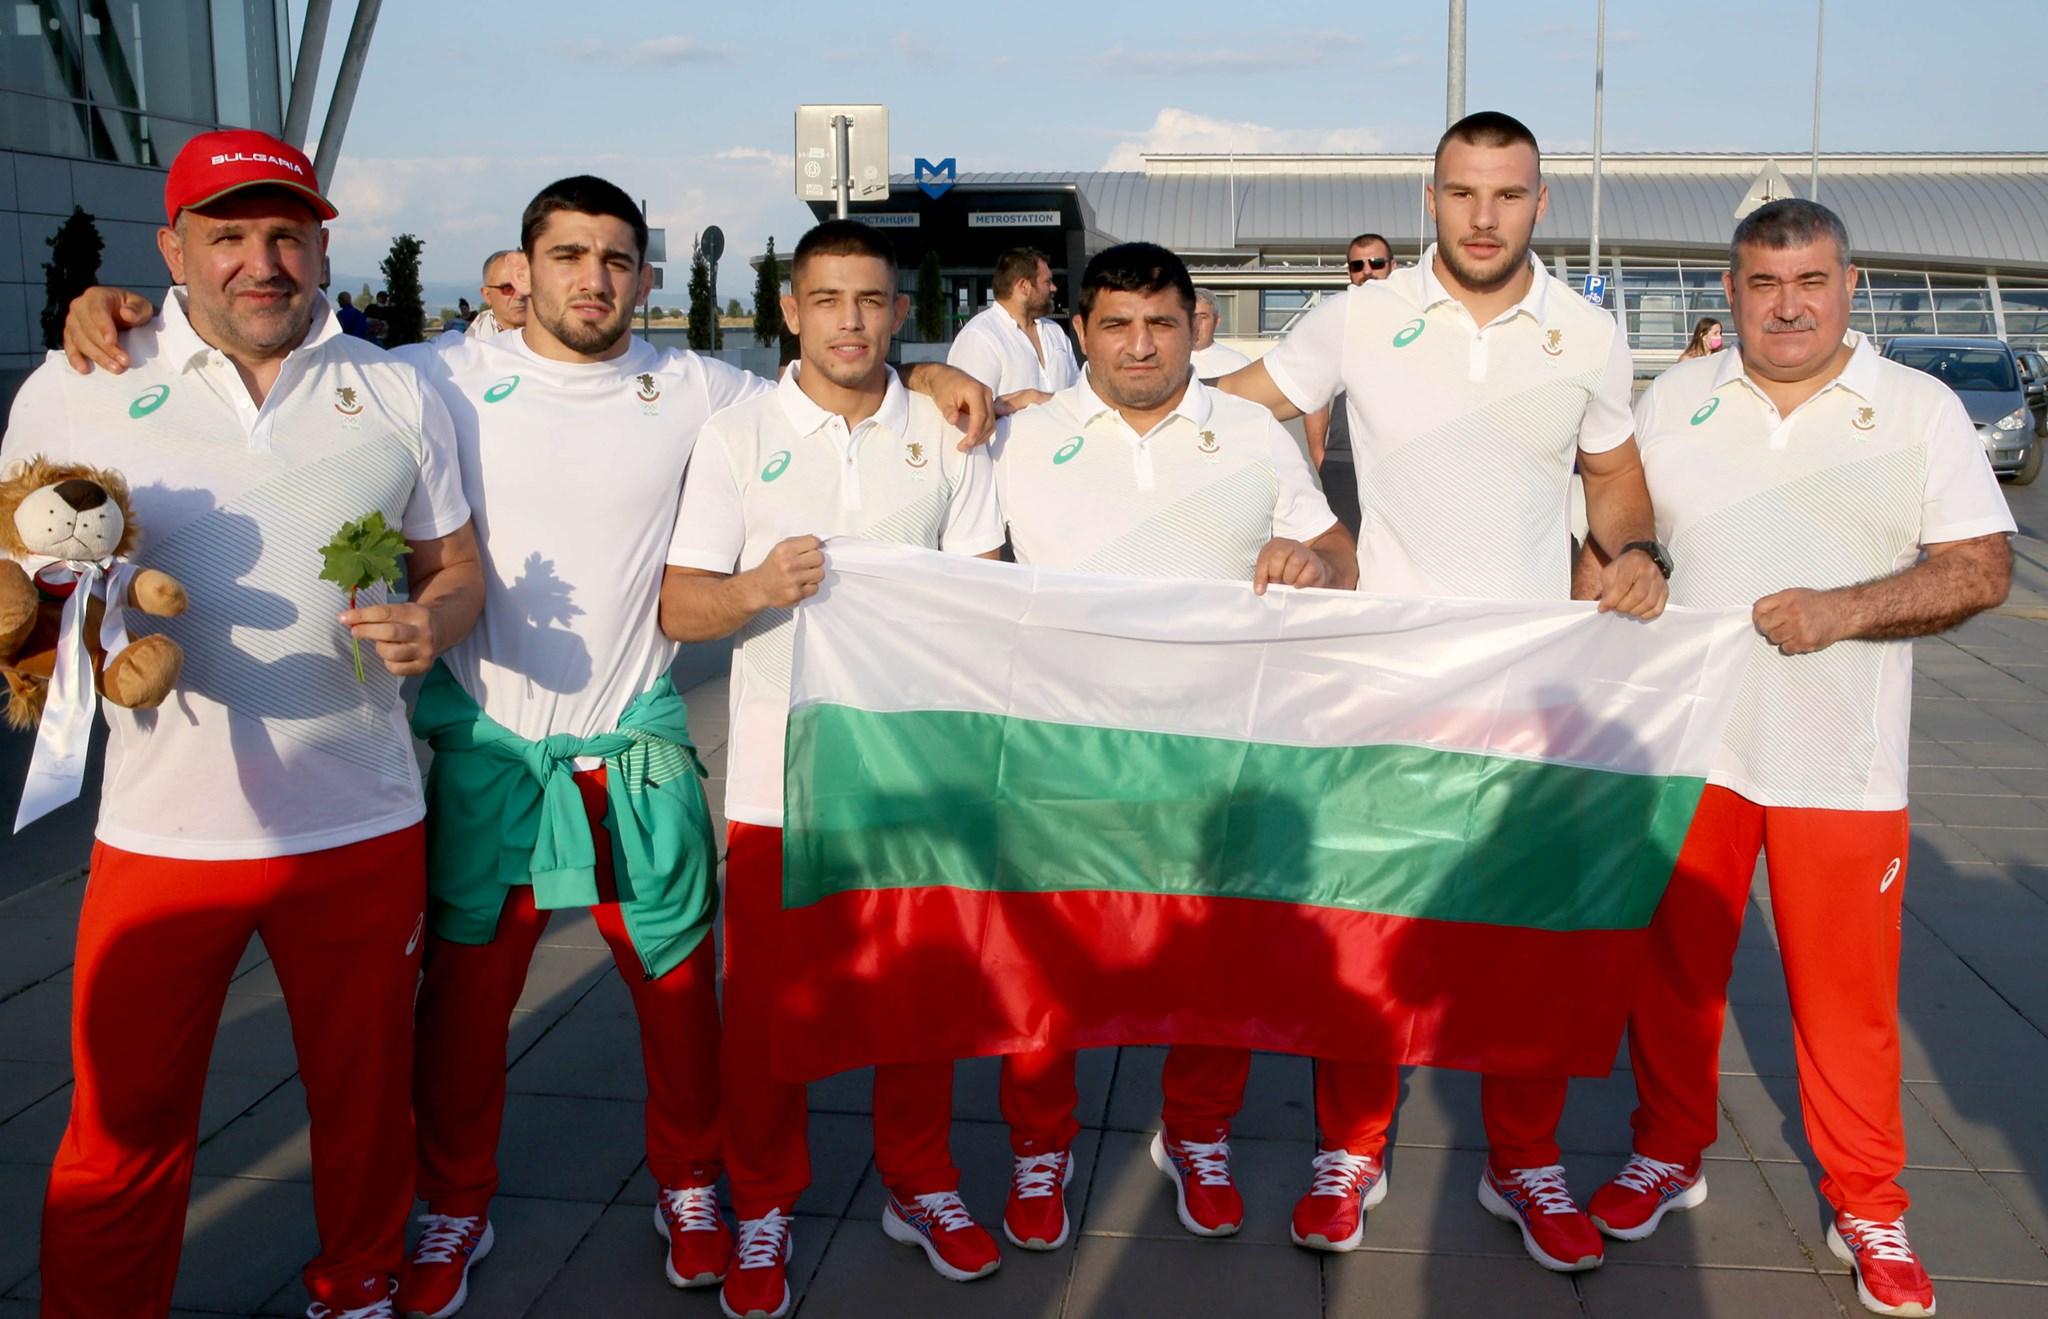 Време е за шоу: Започва олимпийският турнир по борба